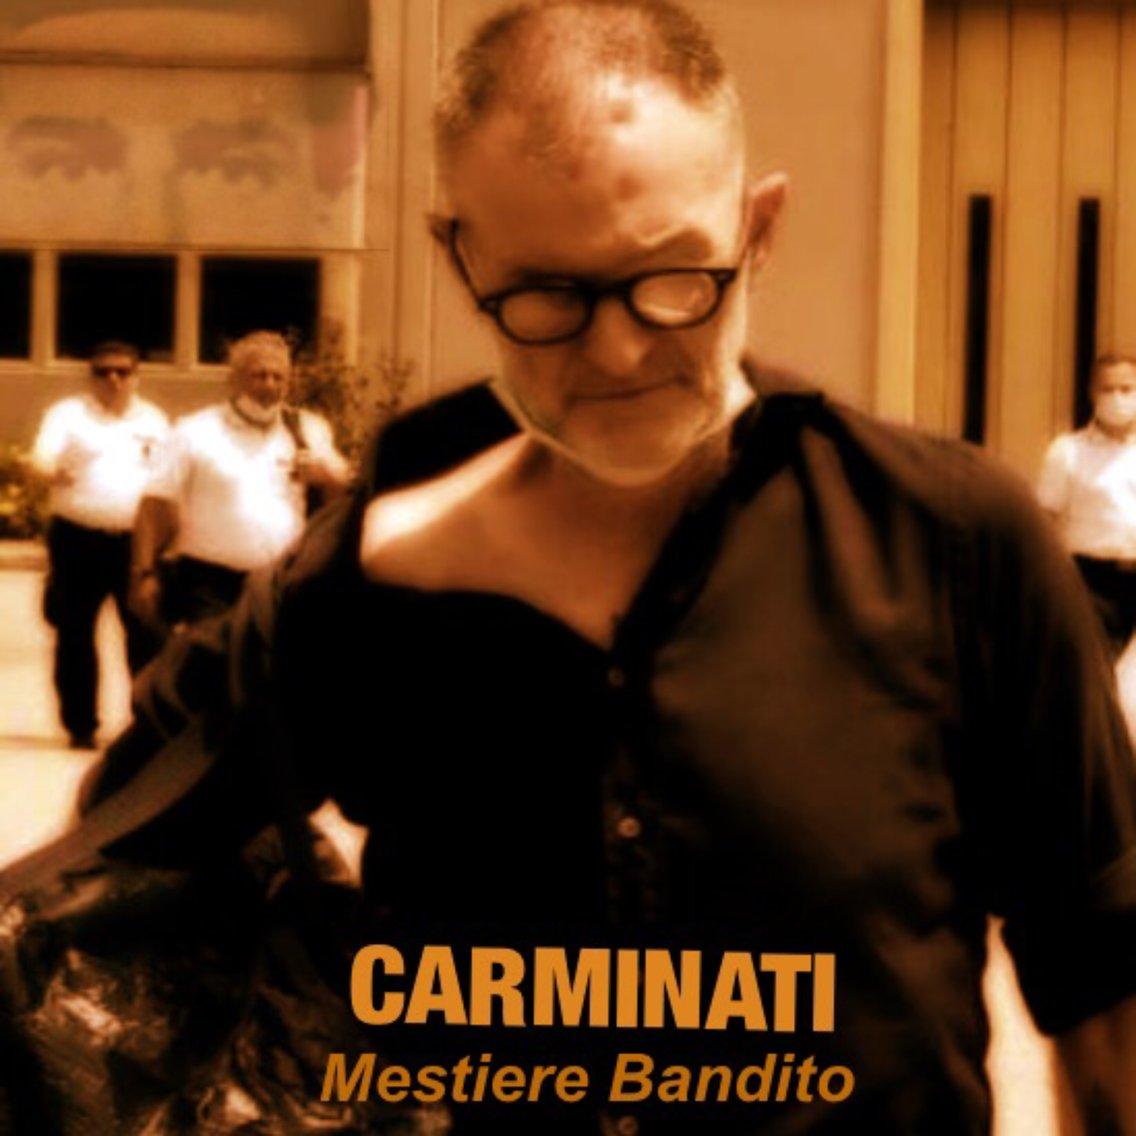 CARMINATI: Mestiere Bandito - immagine di copertina